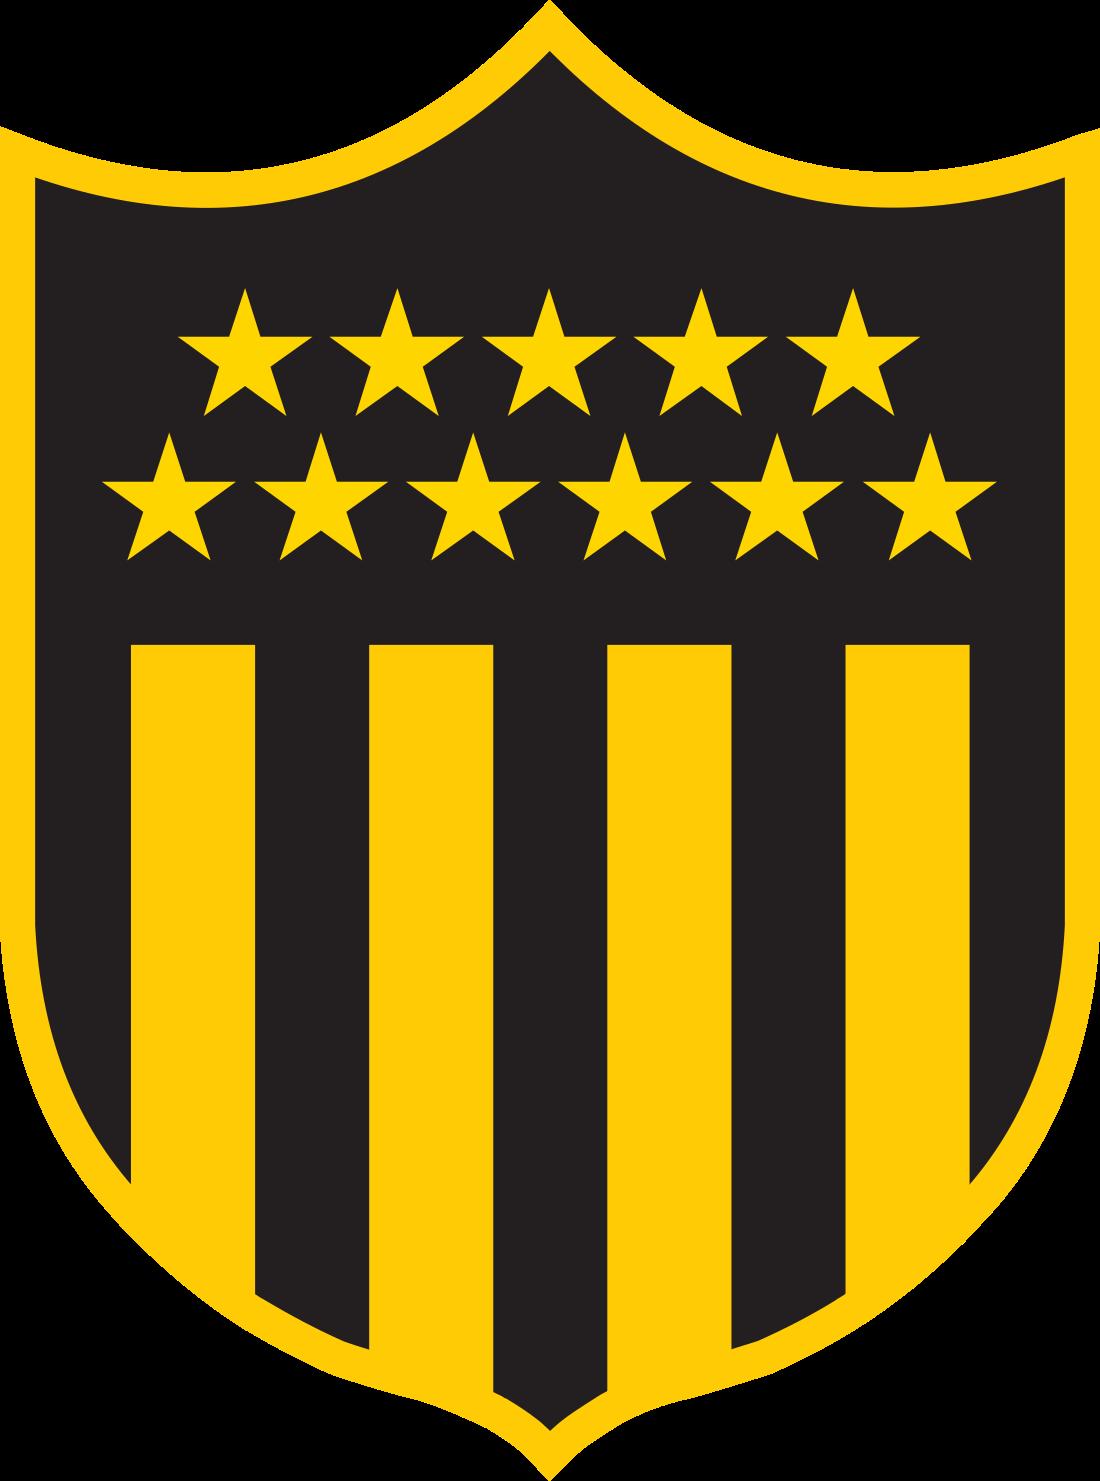 penarol logo escudo 6 - Peñarol Logo - Club Atlético Peñarol Escudo